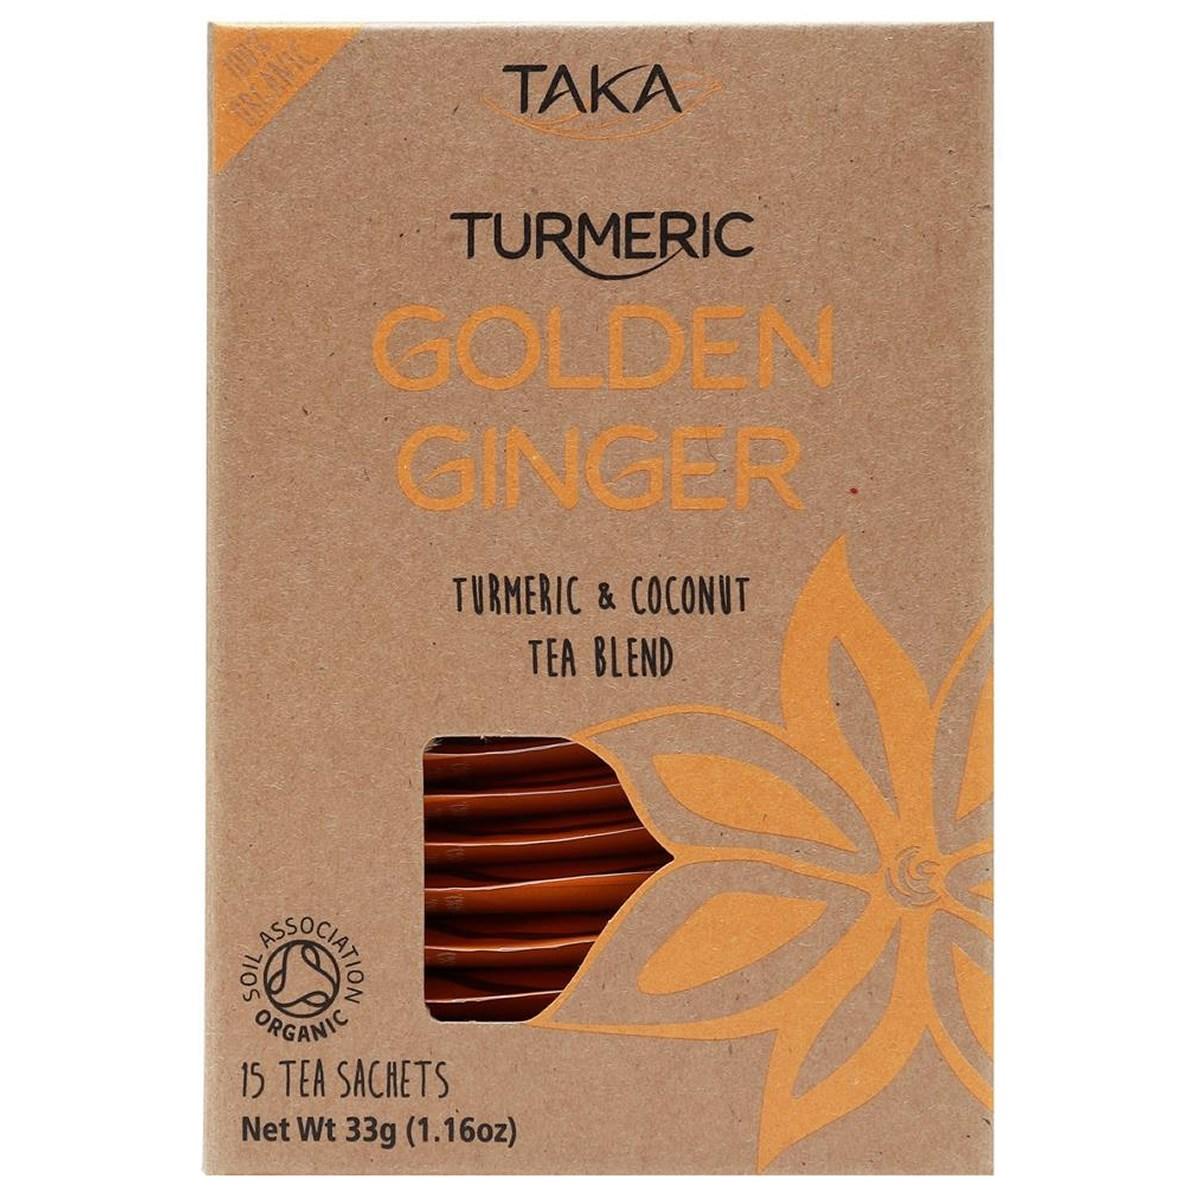 Taka Turmeric Golden Ginger Turmeric & Coconut Tea Blend